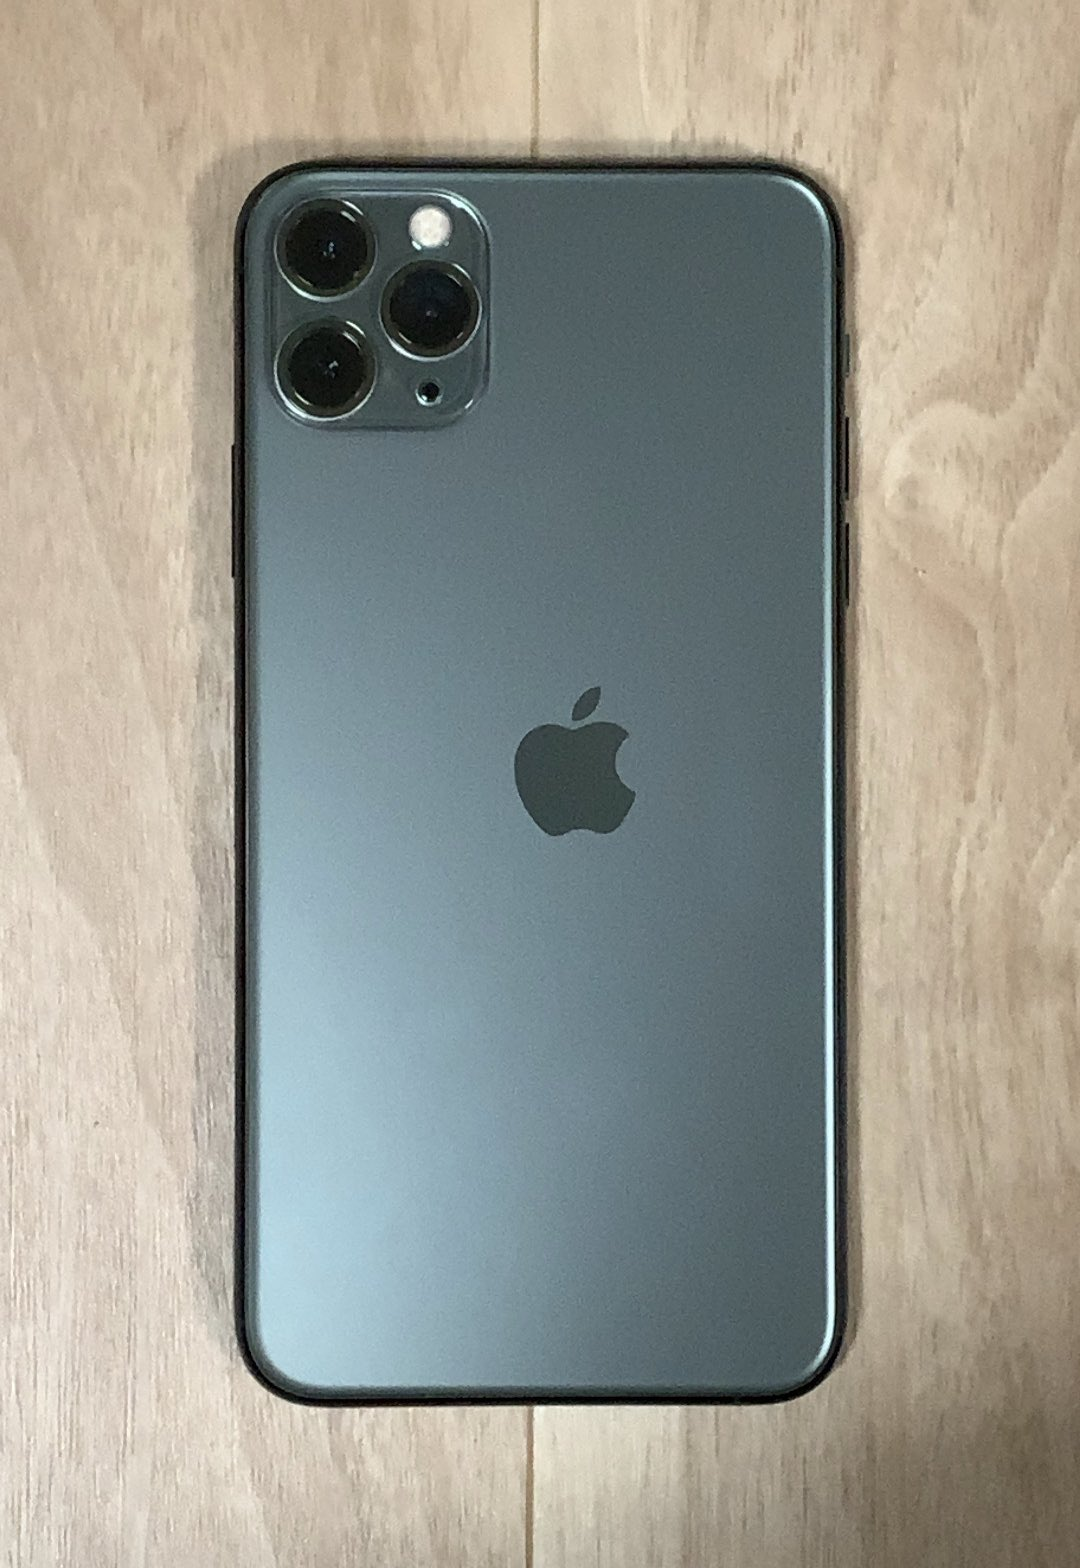 Японец купил iPhone 11 Pro Max с неровным лого в Apple Store, но теперь у него эксклюзив